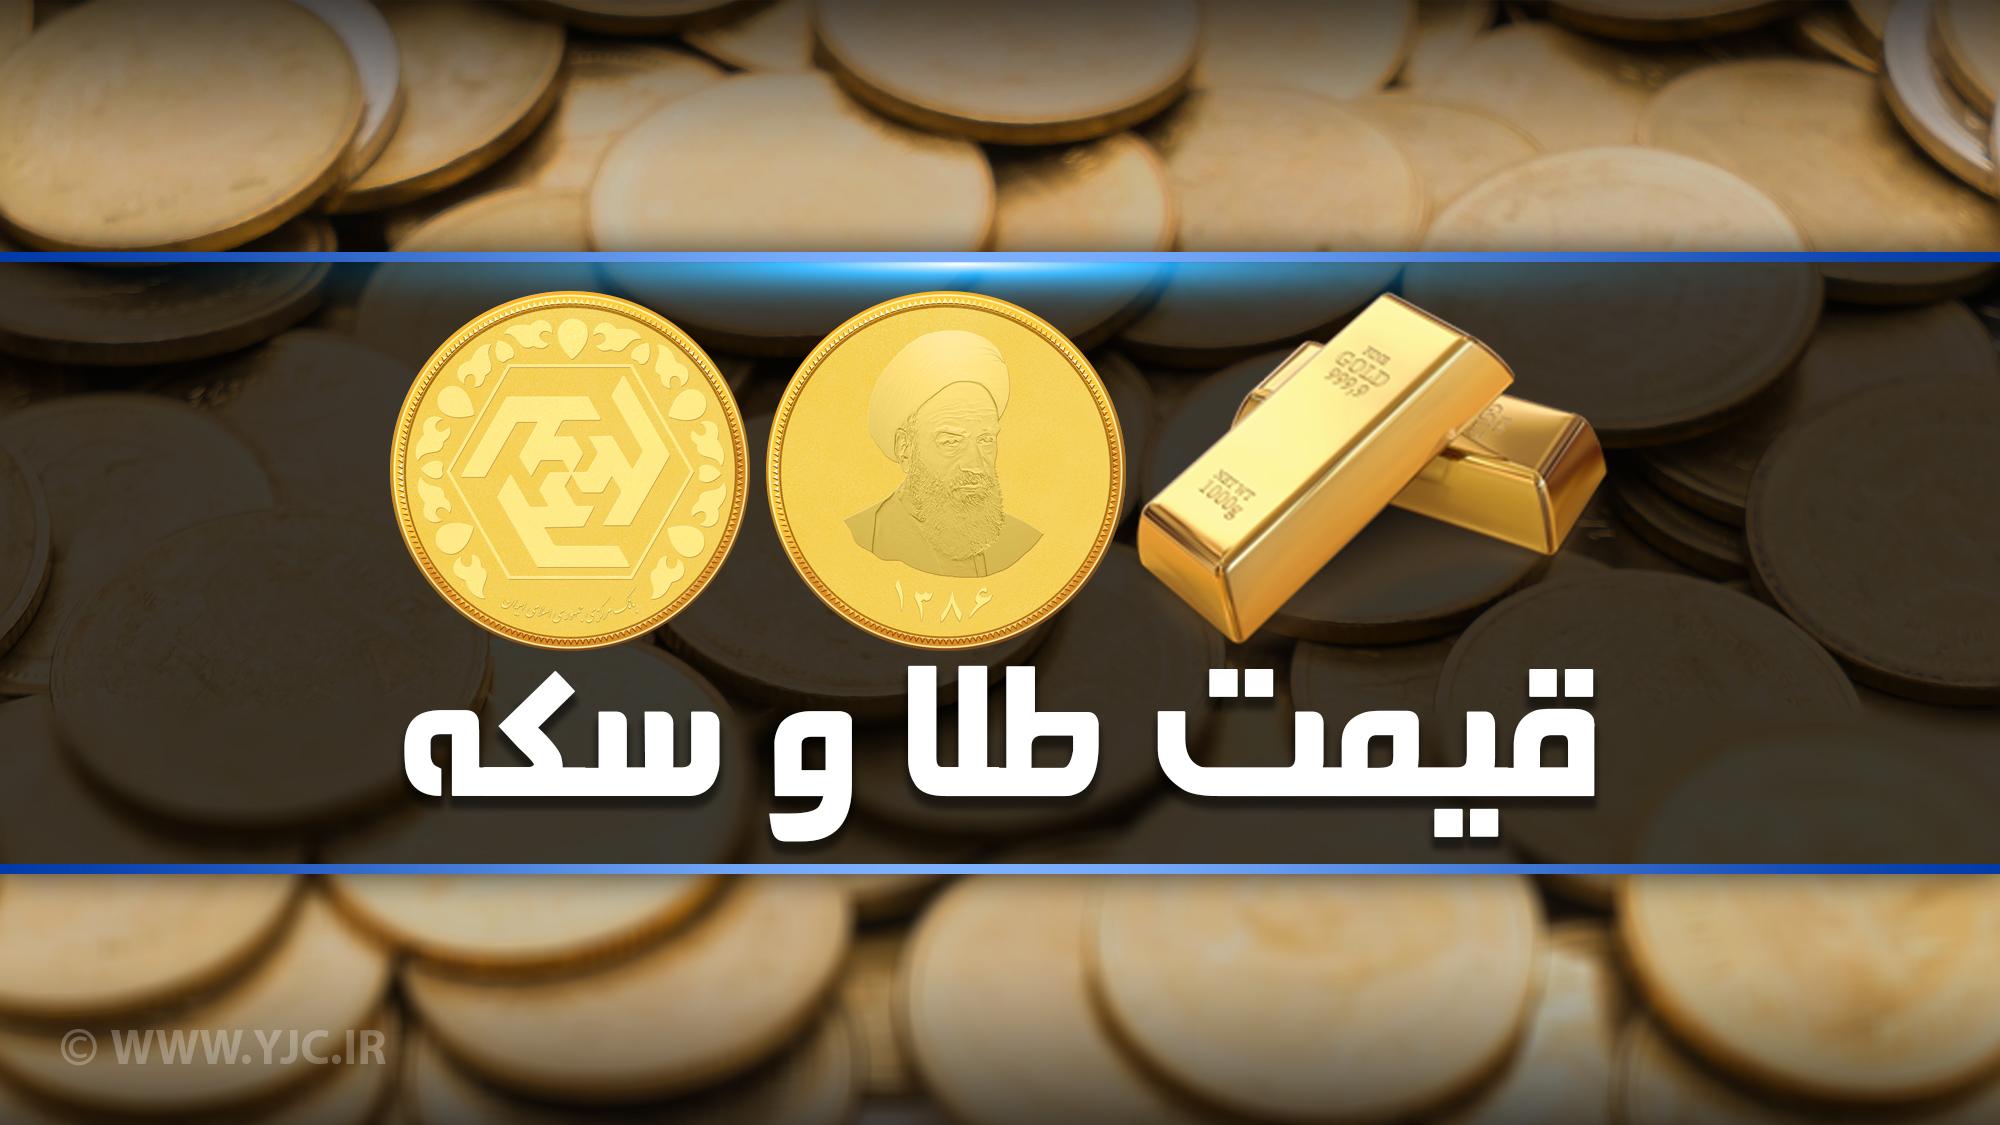 نرخ سکه و طلا در ۱۸ آذر/ قیمت هر گرم طلای ۱۸ عیار ۴۶۶هزار تومان شد + جدول